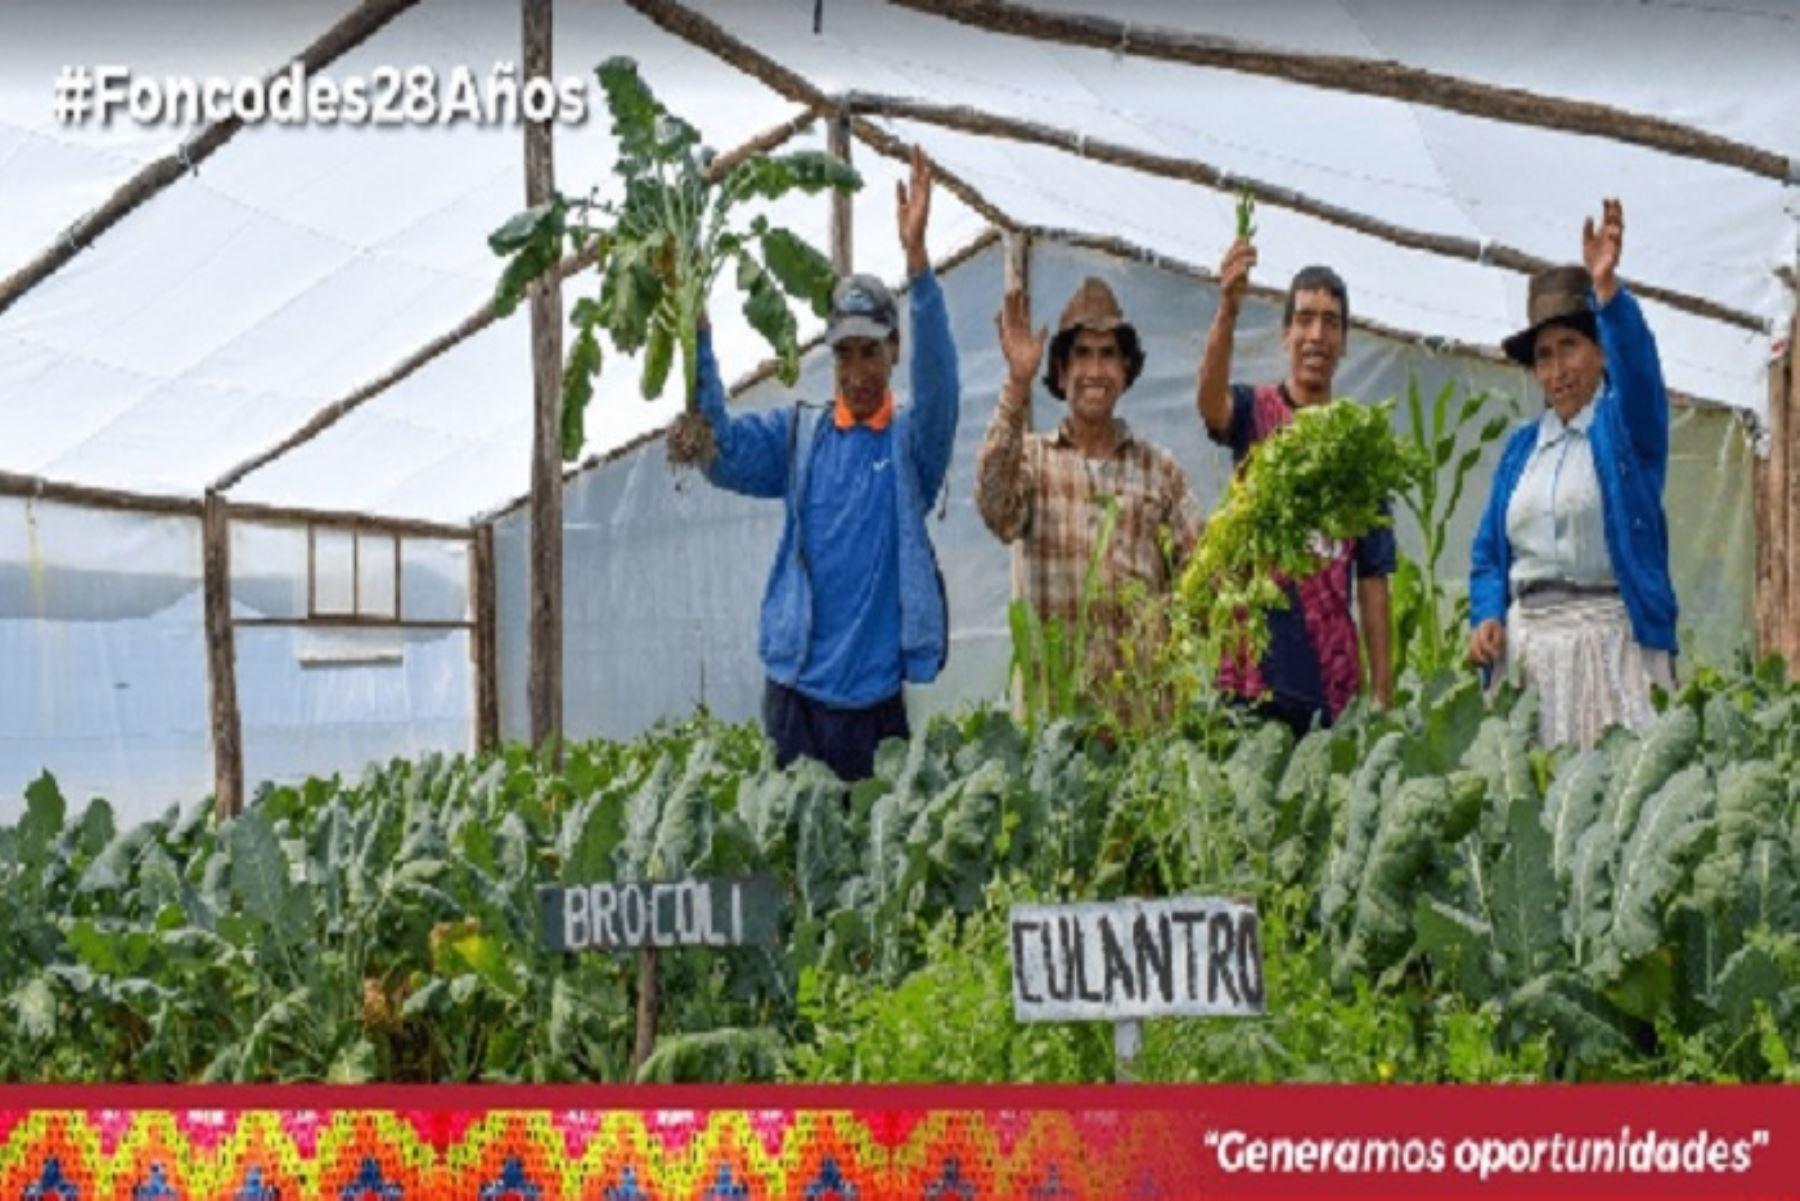 """Desde su creación, hace 28 años, el Fondo de Cooperación para el Desarrollo Social (Foncodes) ha ejecutado 59,177 proyectos de infraestructura social y productiva. Ello bajo el modelo del """"núcleo ejecutor"""", en beneficio directo e indirecto de más de un millón de peruanos de hogares rurales en situación de pobreza y pobreza extrema."""